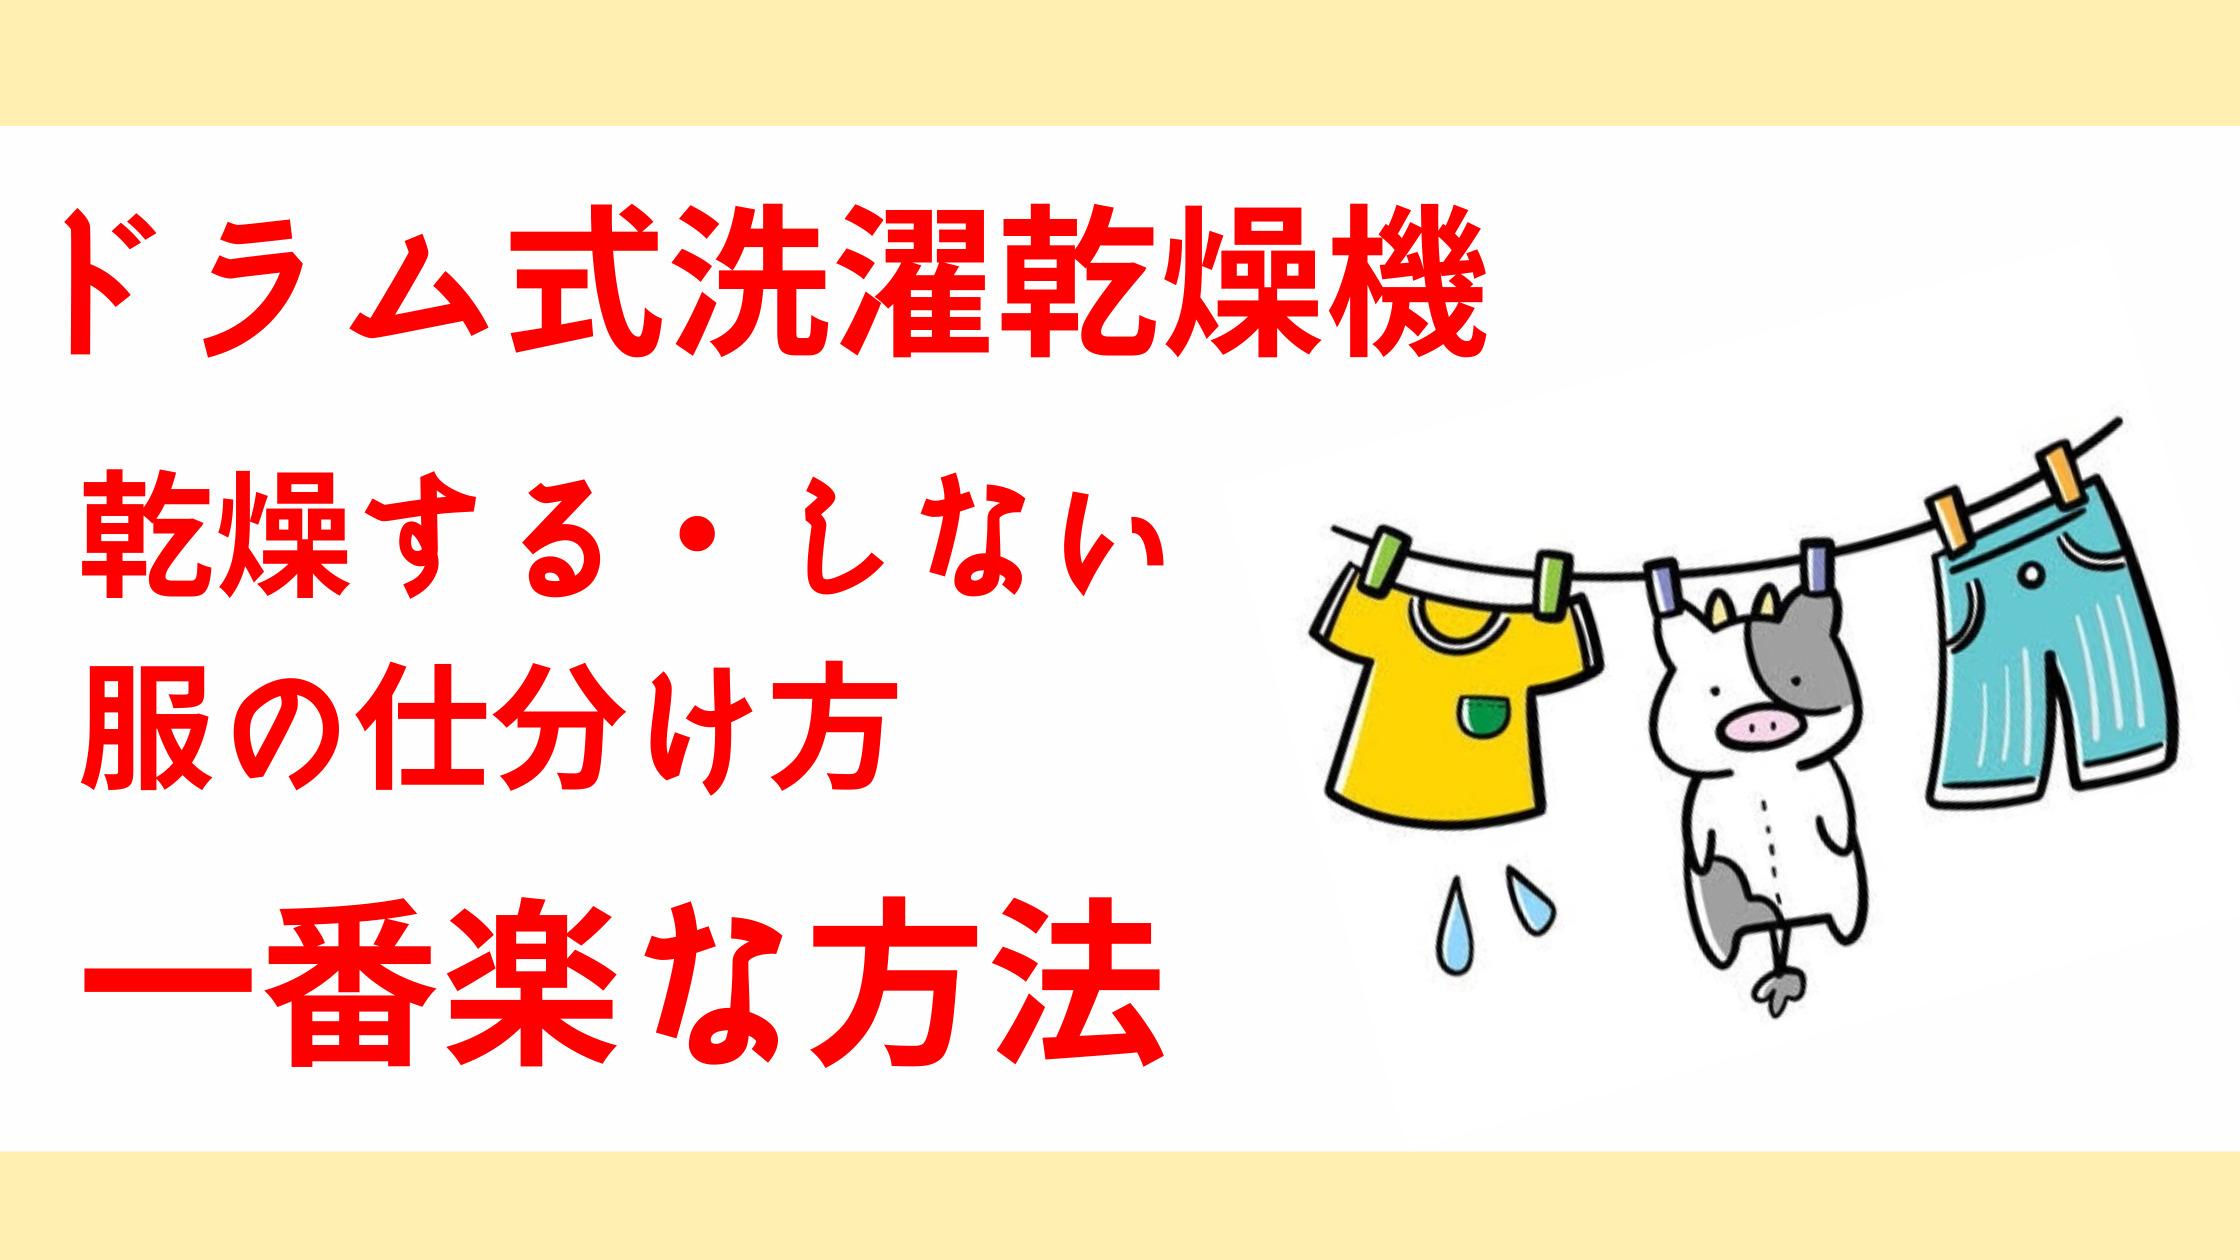 ドラム式洗濯乾燥機乾燥するしない衣服仕分け方一番簡単な方法